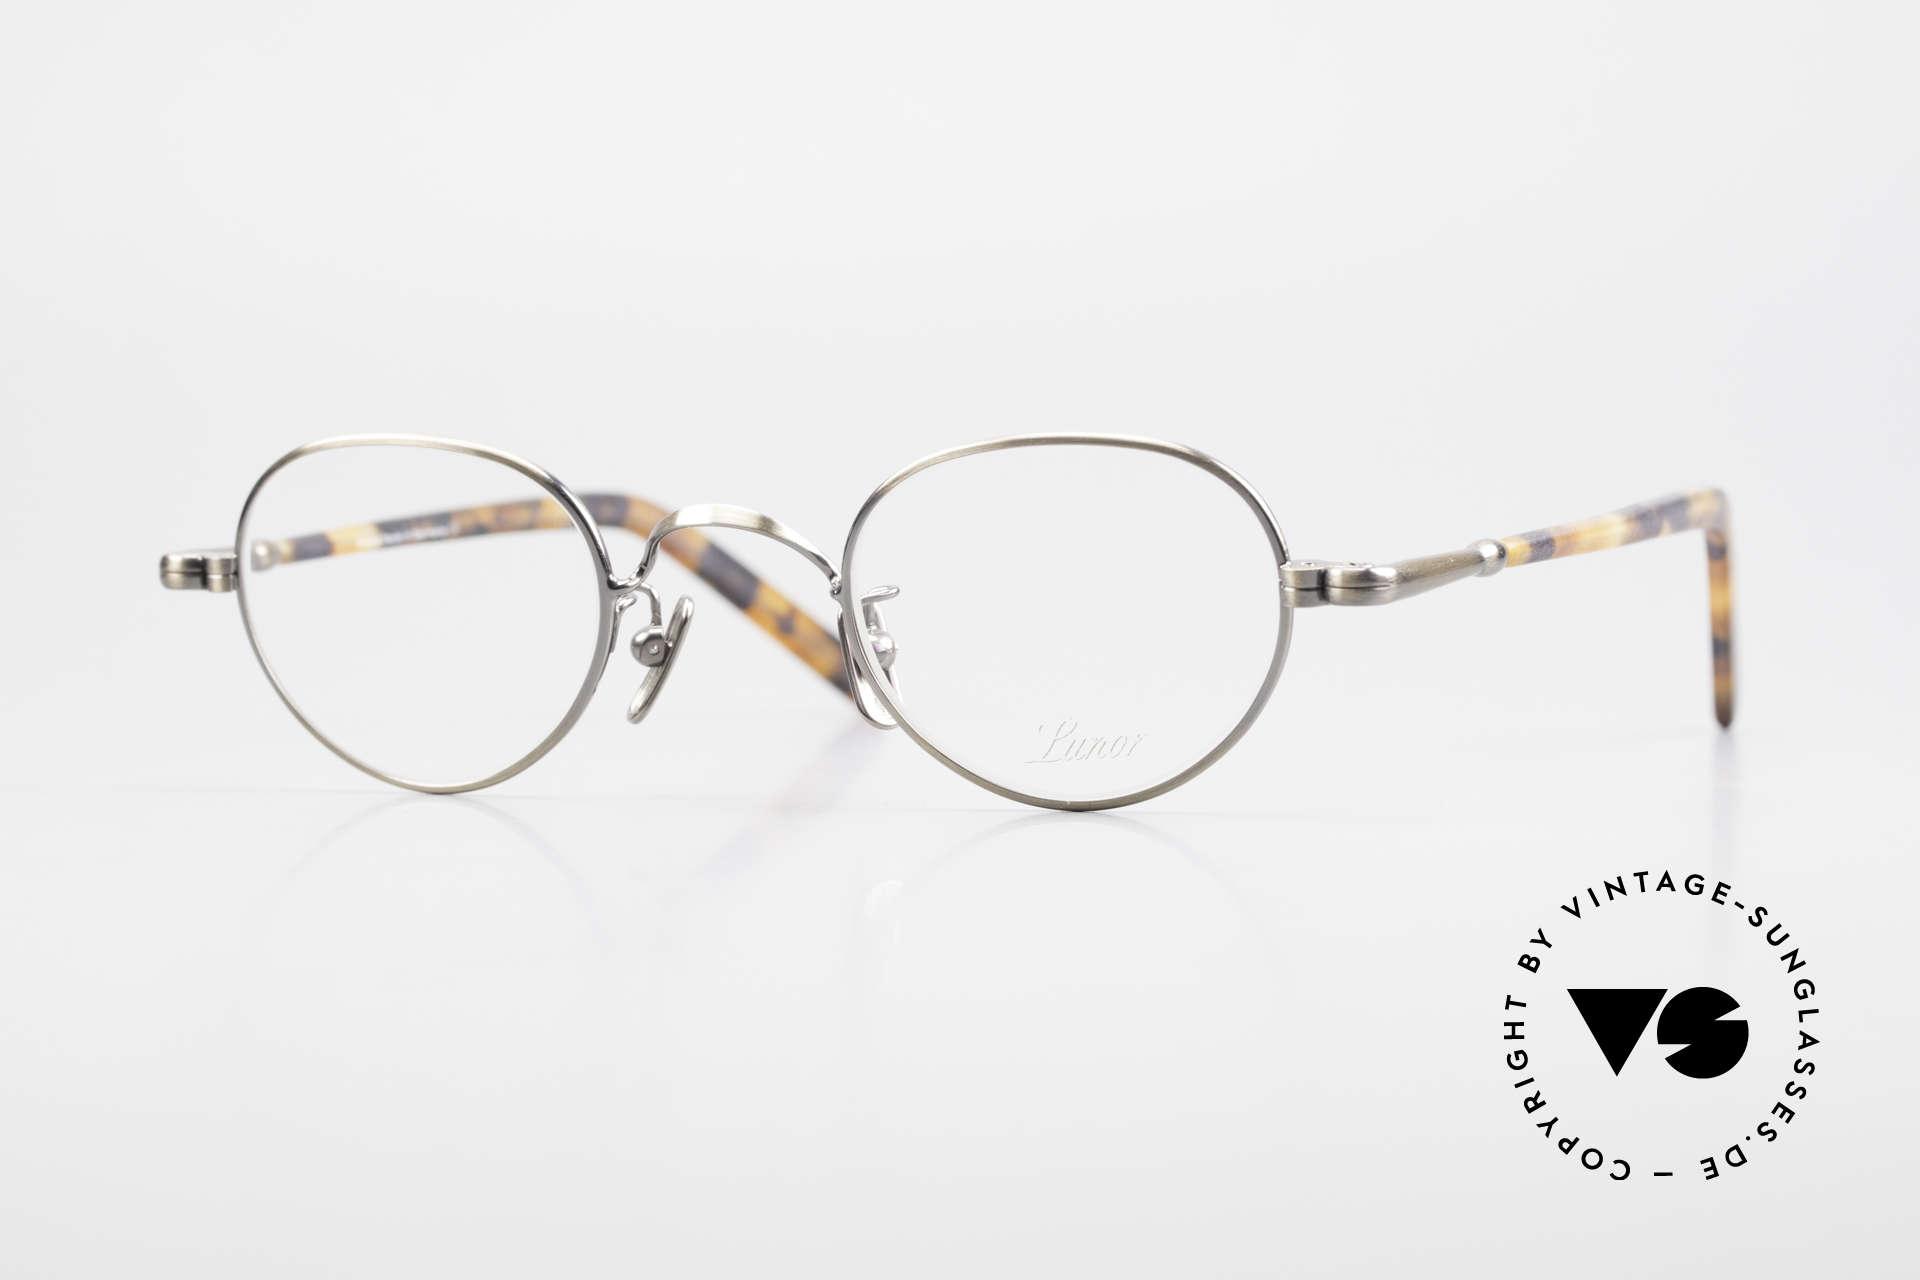 Lunor VA 103 Lunor Brille Altes Original, alte LUNOR Brille aus der 2012er Brillenkollektion, Passend für Herren und Damen